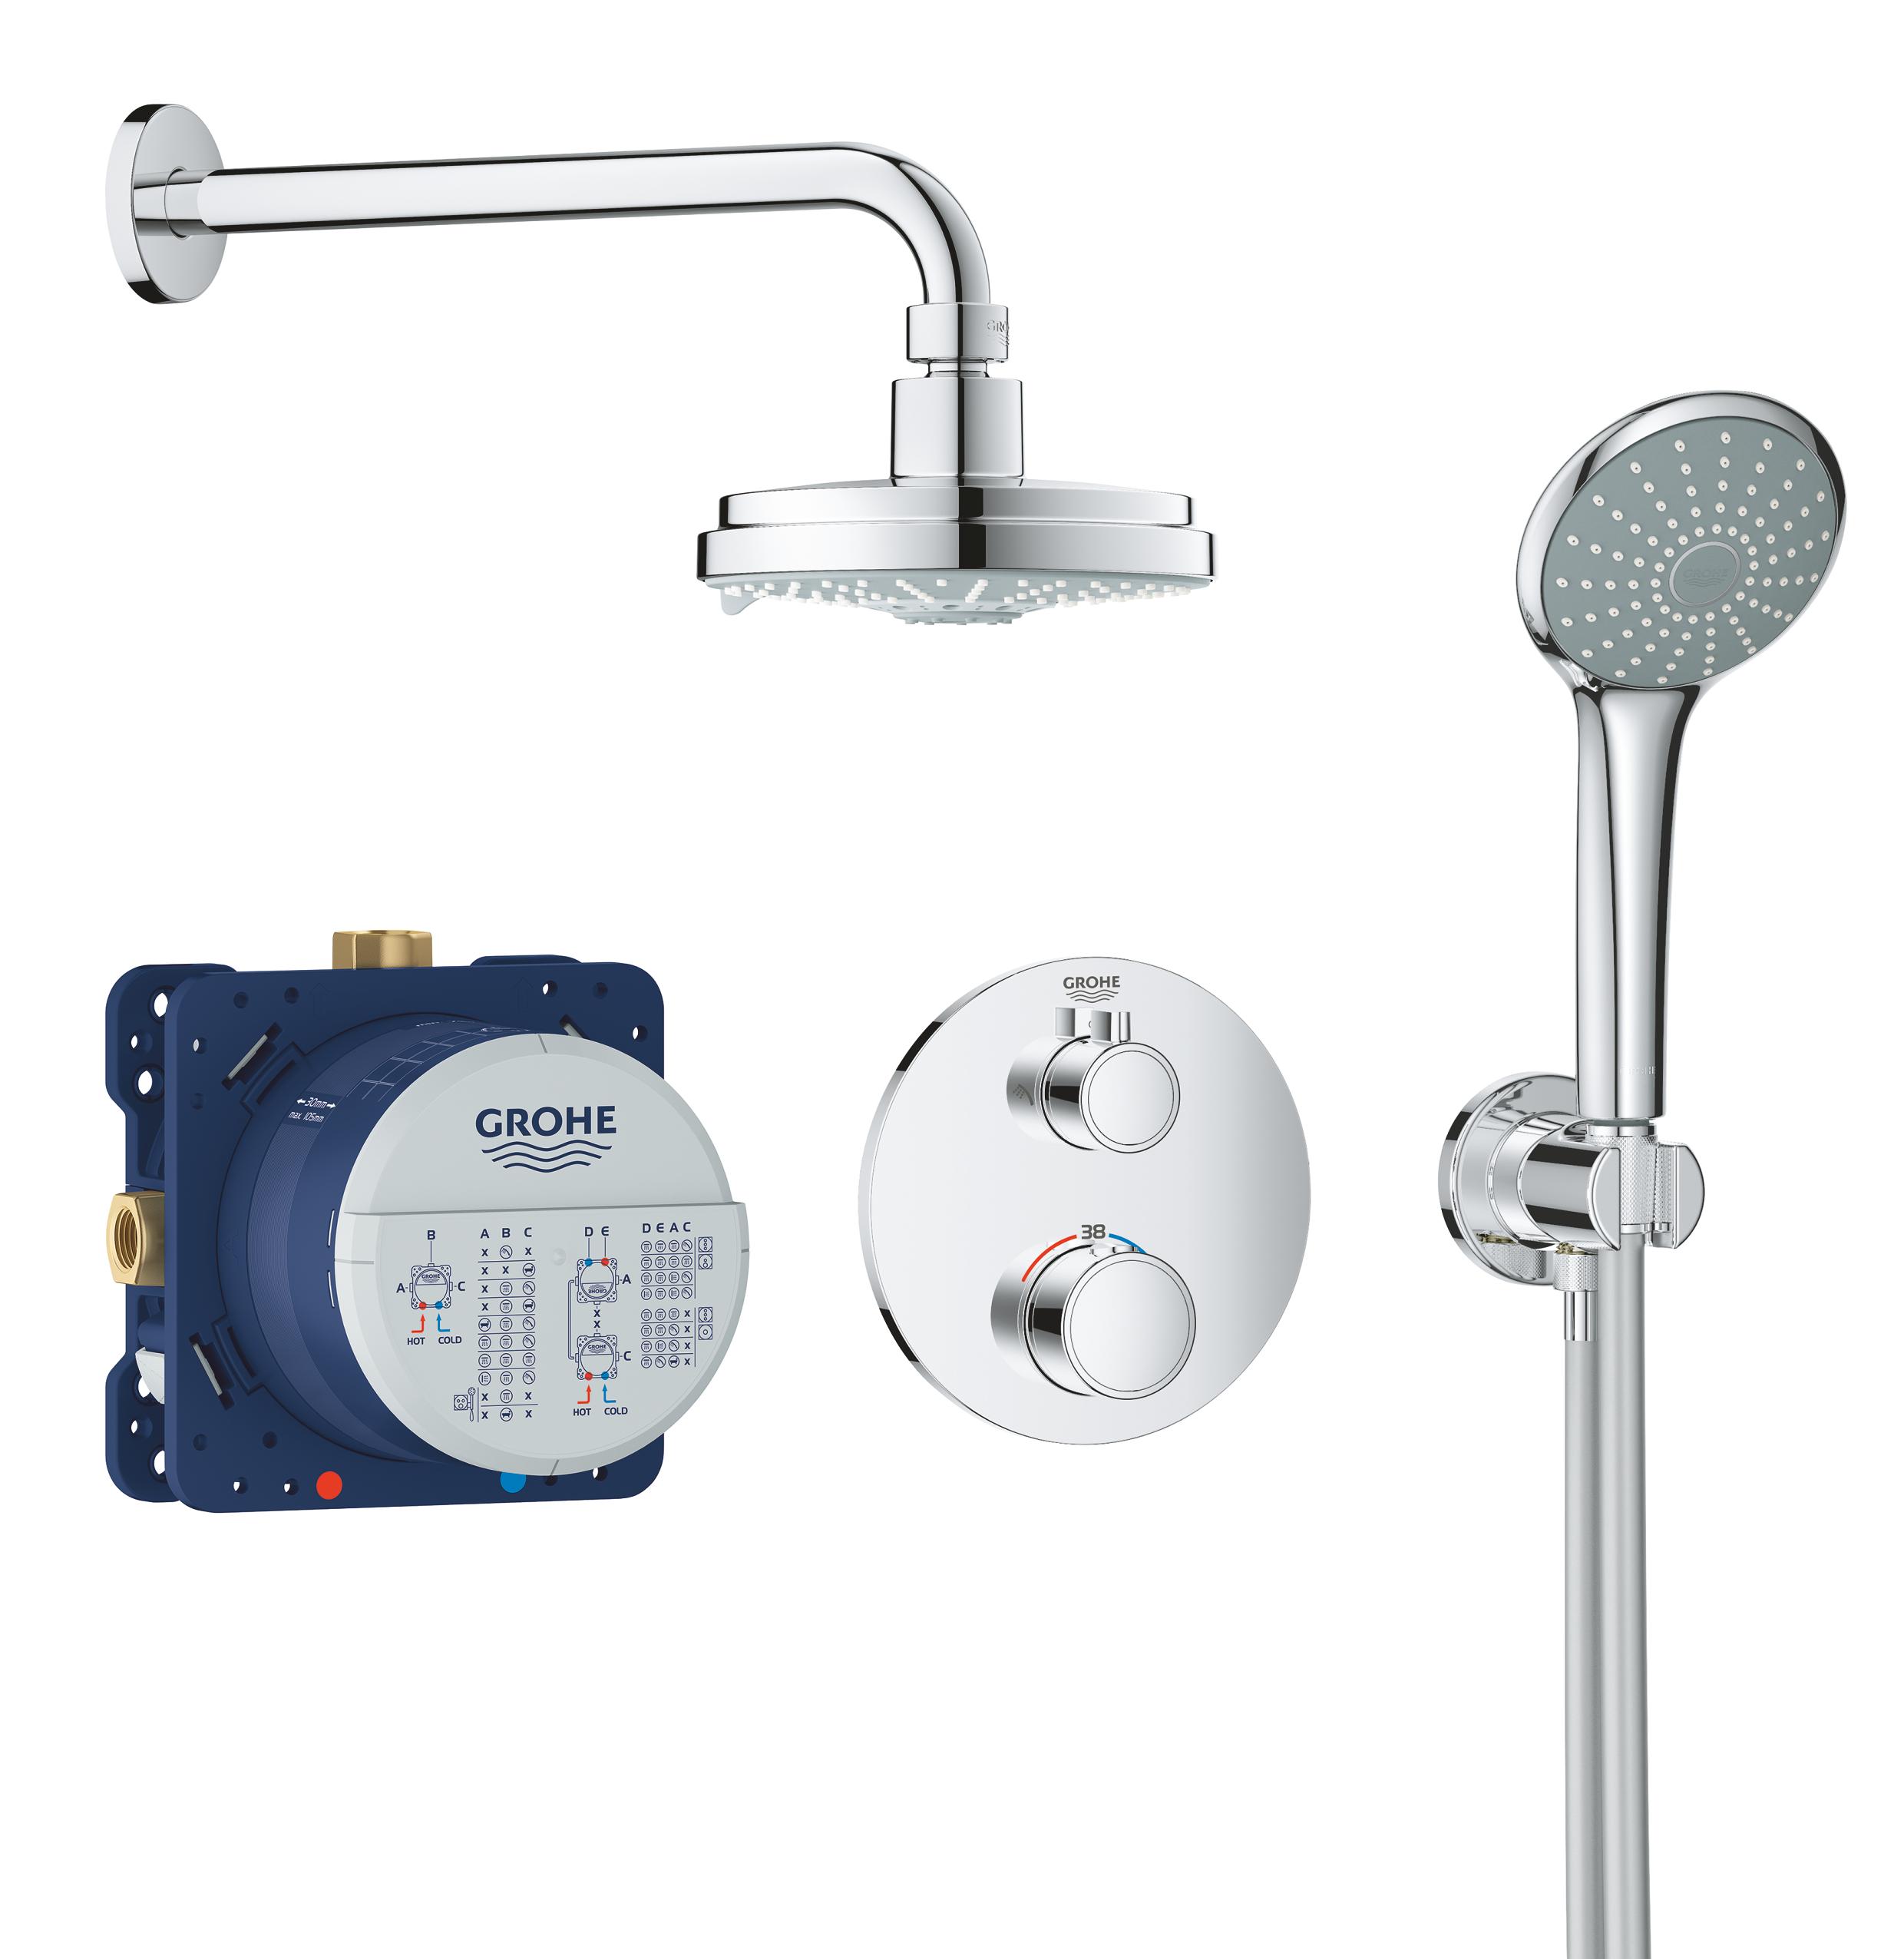 Termostatyczny system prysznicowy do montażu podtynkowego Grohe Grohtherm Rainshower Cosmopolitan 160 chrom 34735000